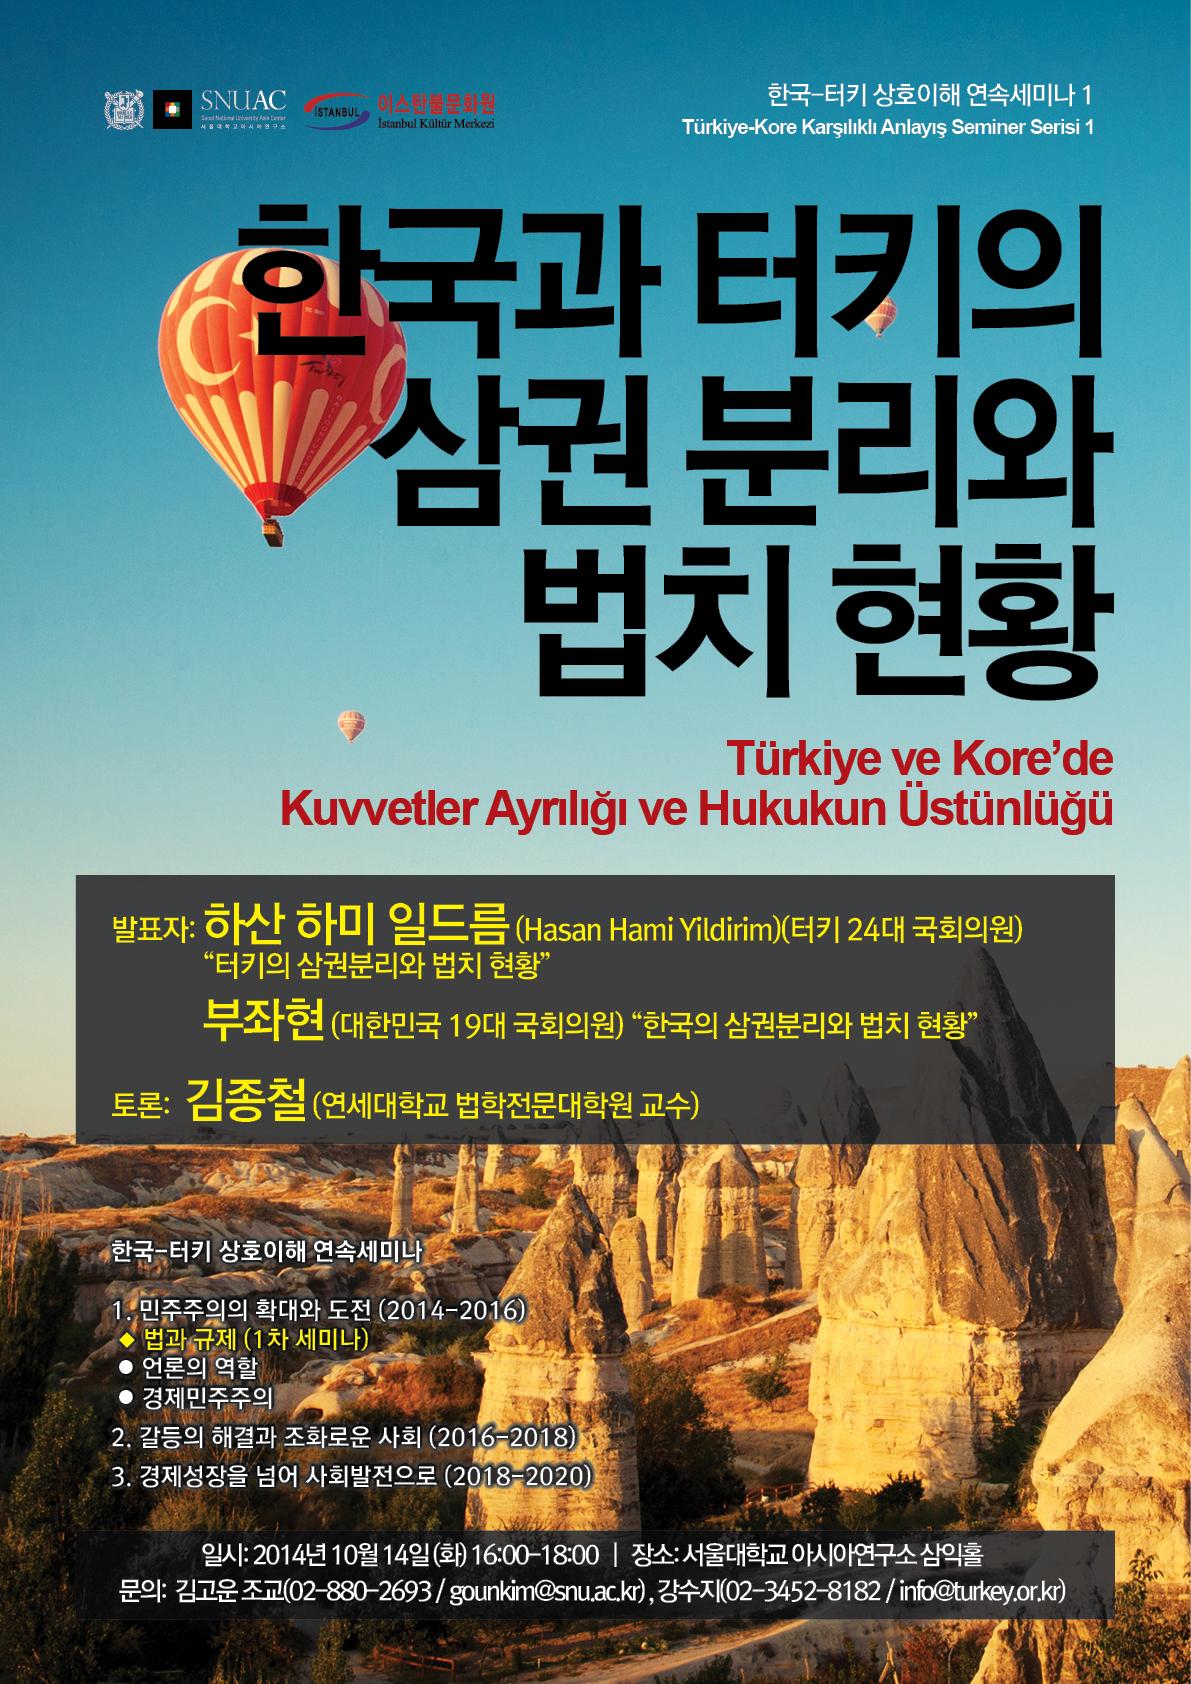 한국-터키 상호이해 연속세미나 1 – 한국과 터키의 삼권 분리와 법치 현황